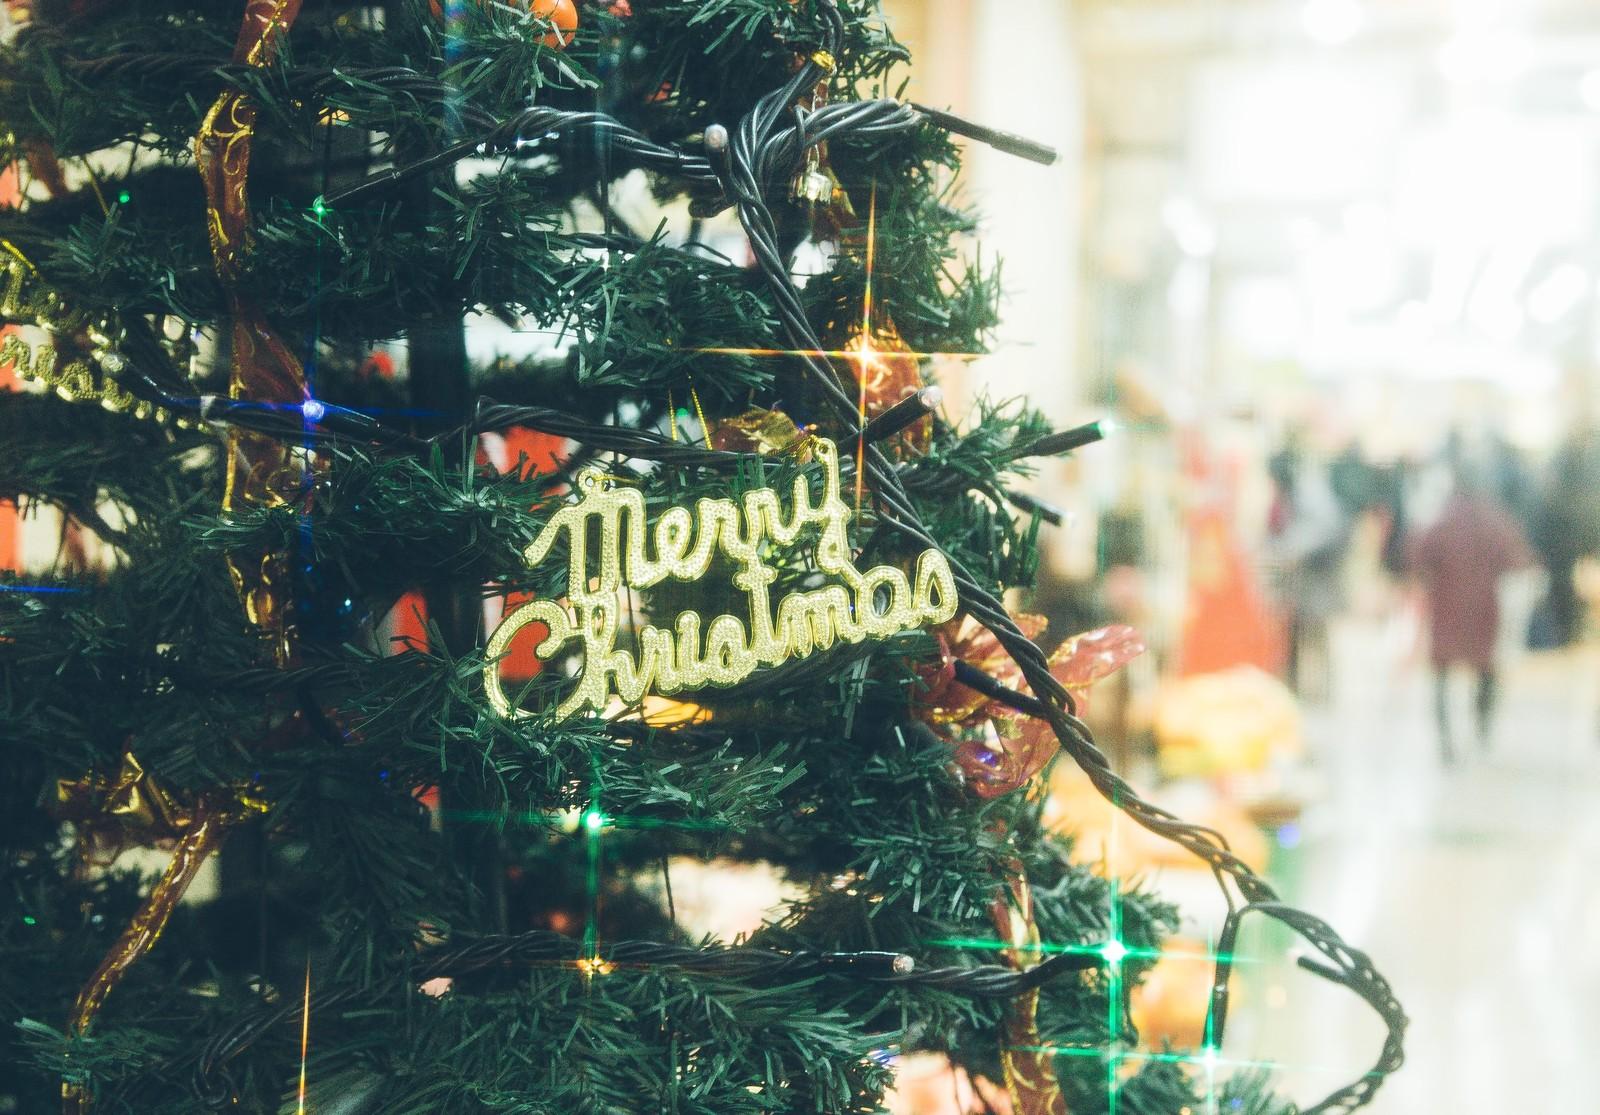 家庭用クリスマスツリーを格安でレンタルするなら・・・ | 役に立つと